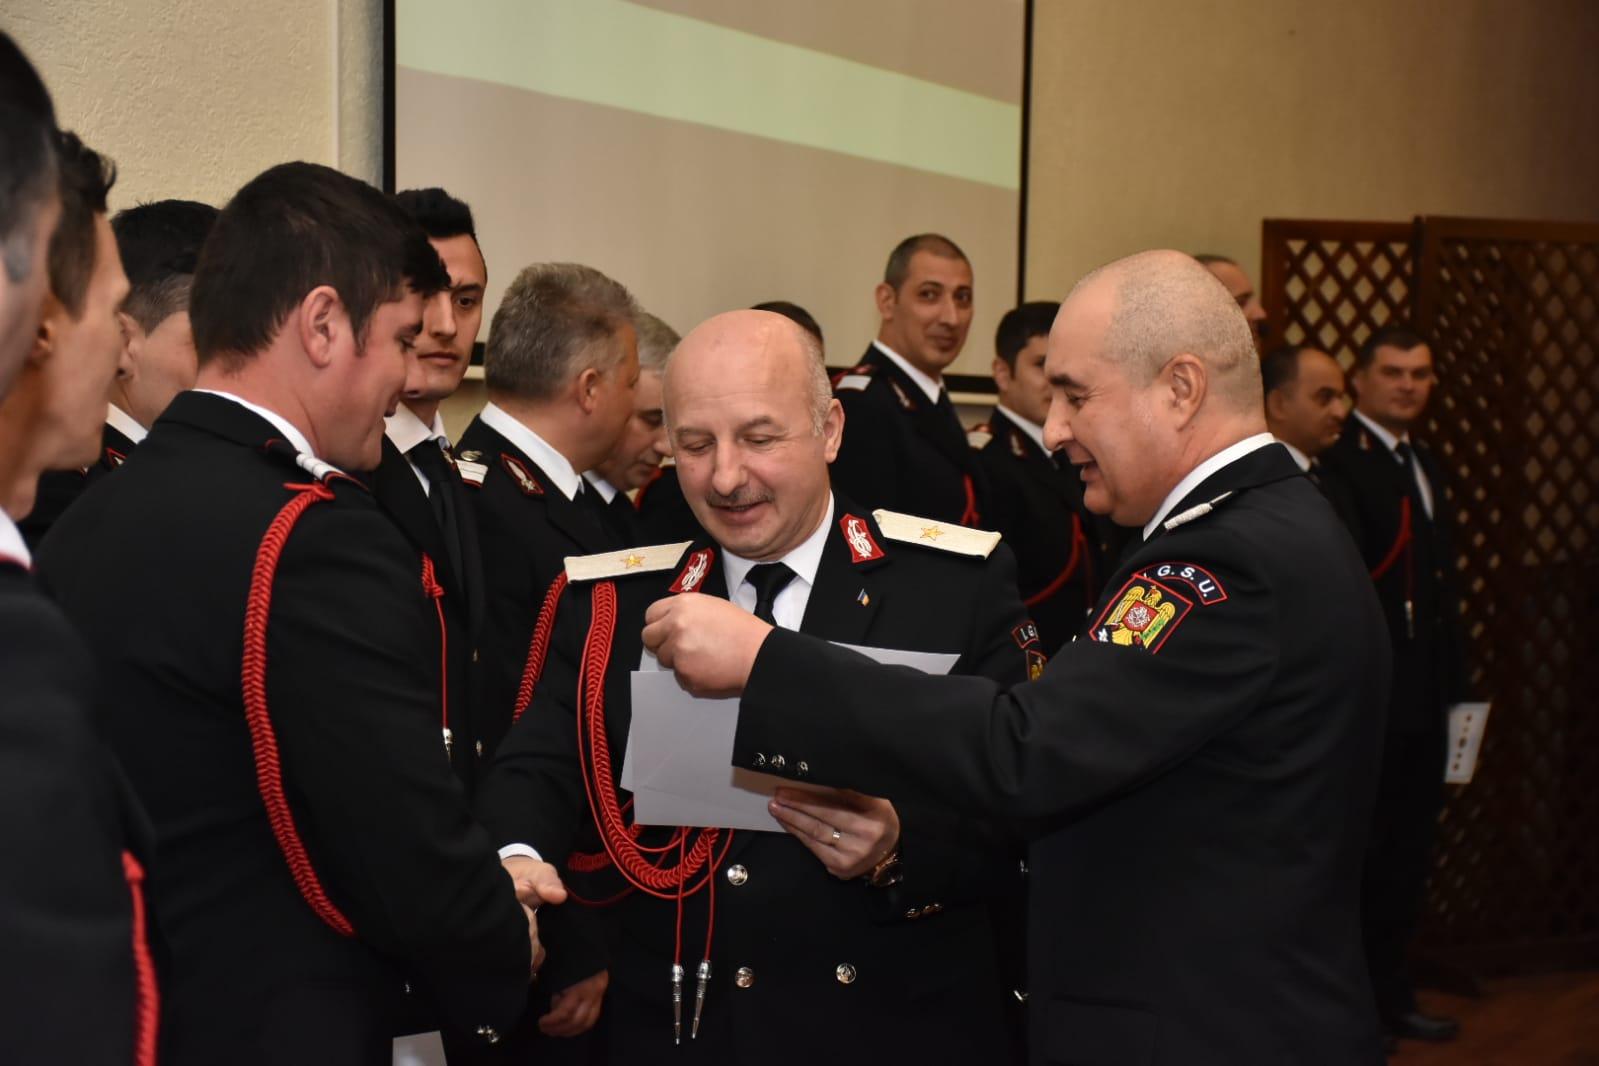 Distincții pentru pompierii nemțeni, cu ocazia ședinței de bilanț de la ISU Neamț